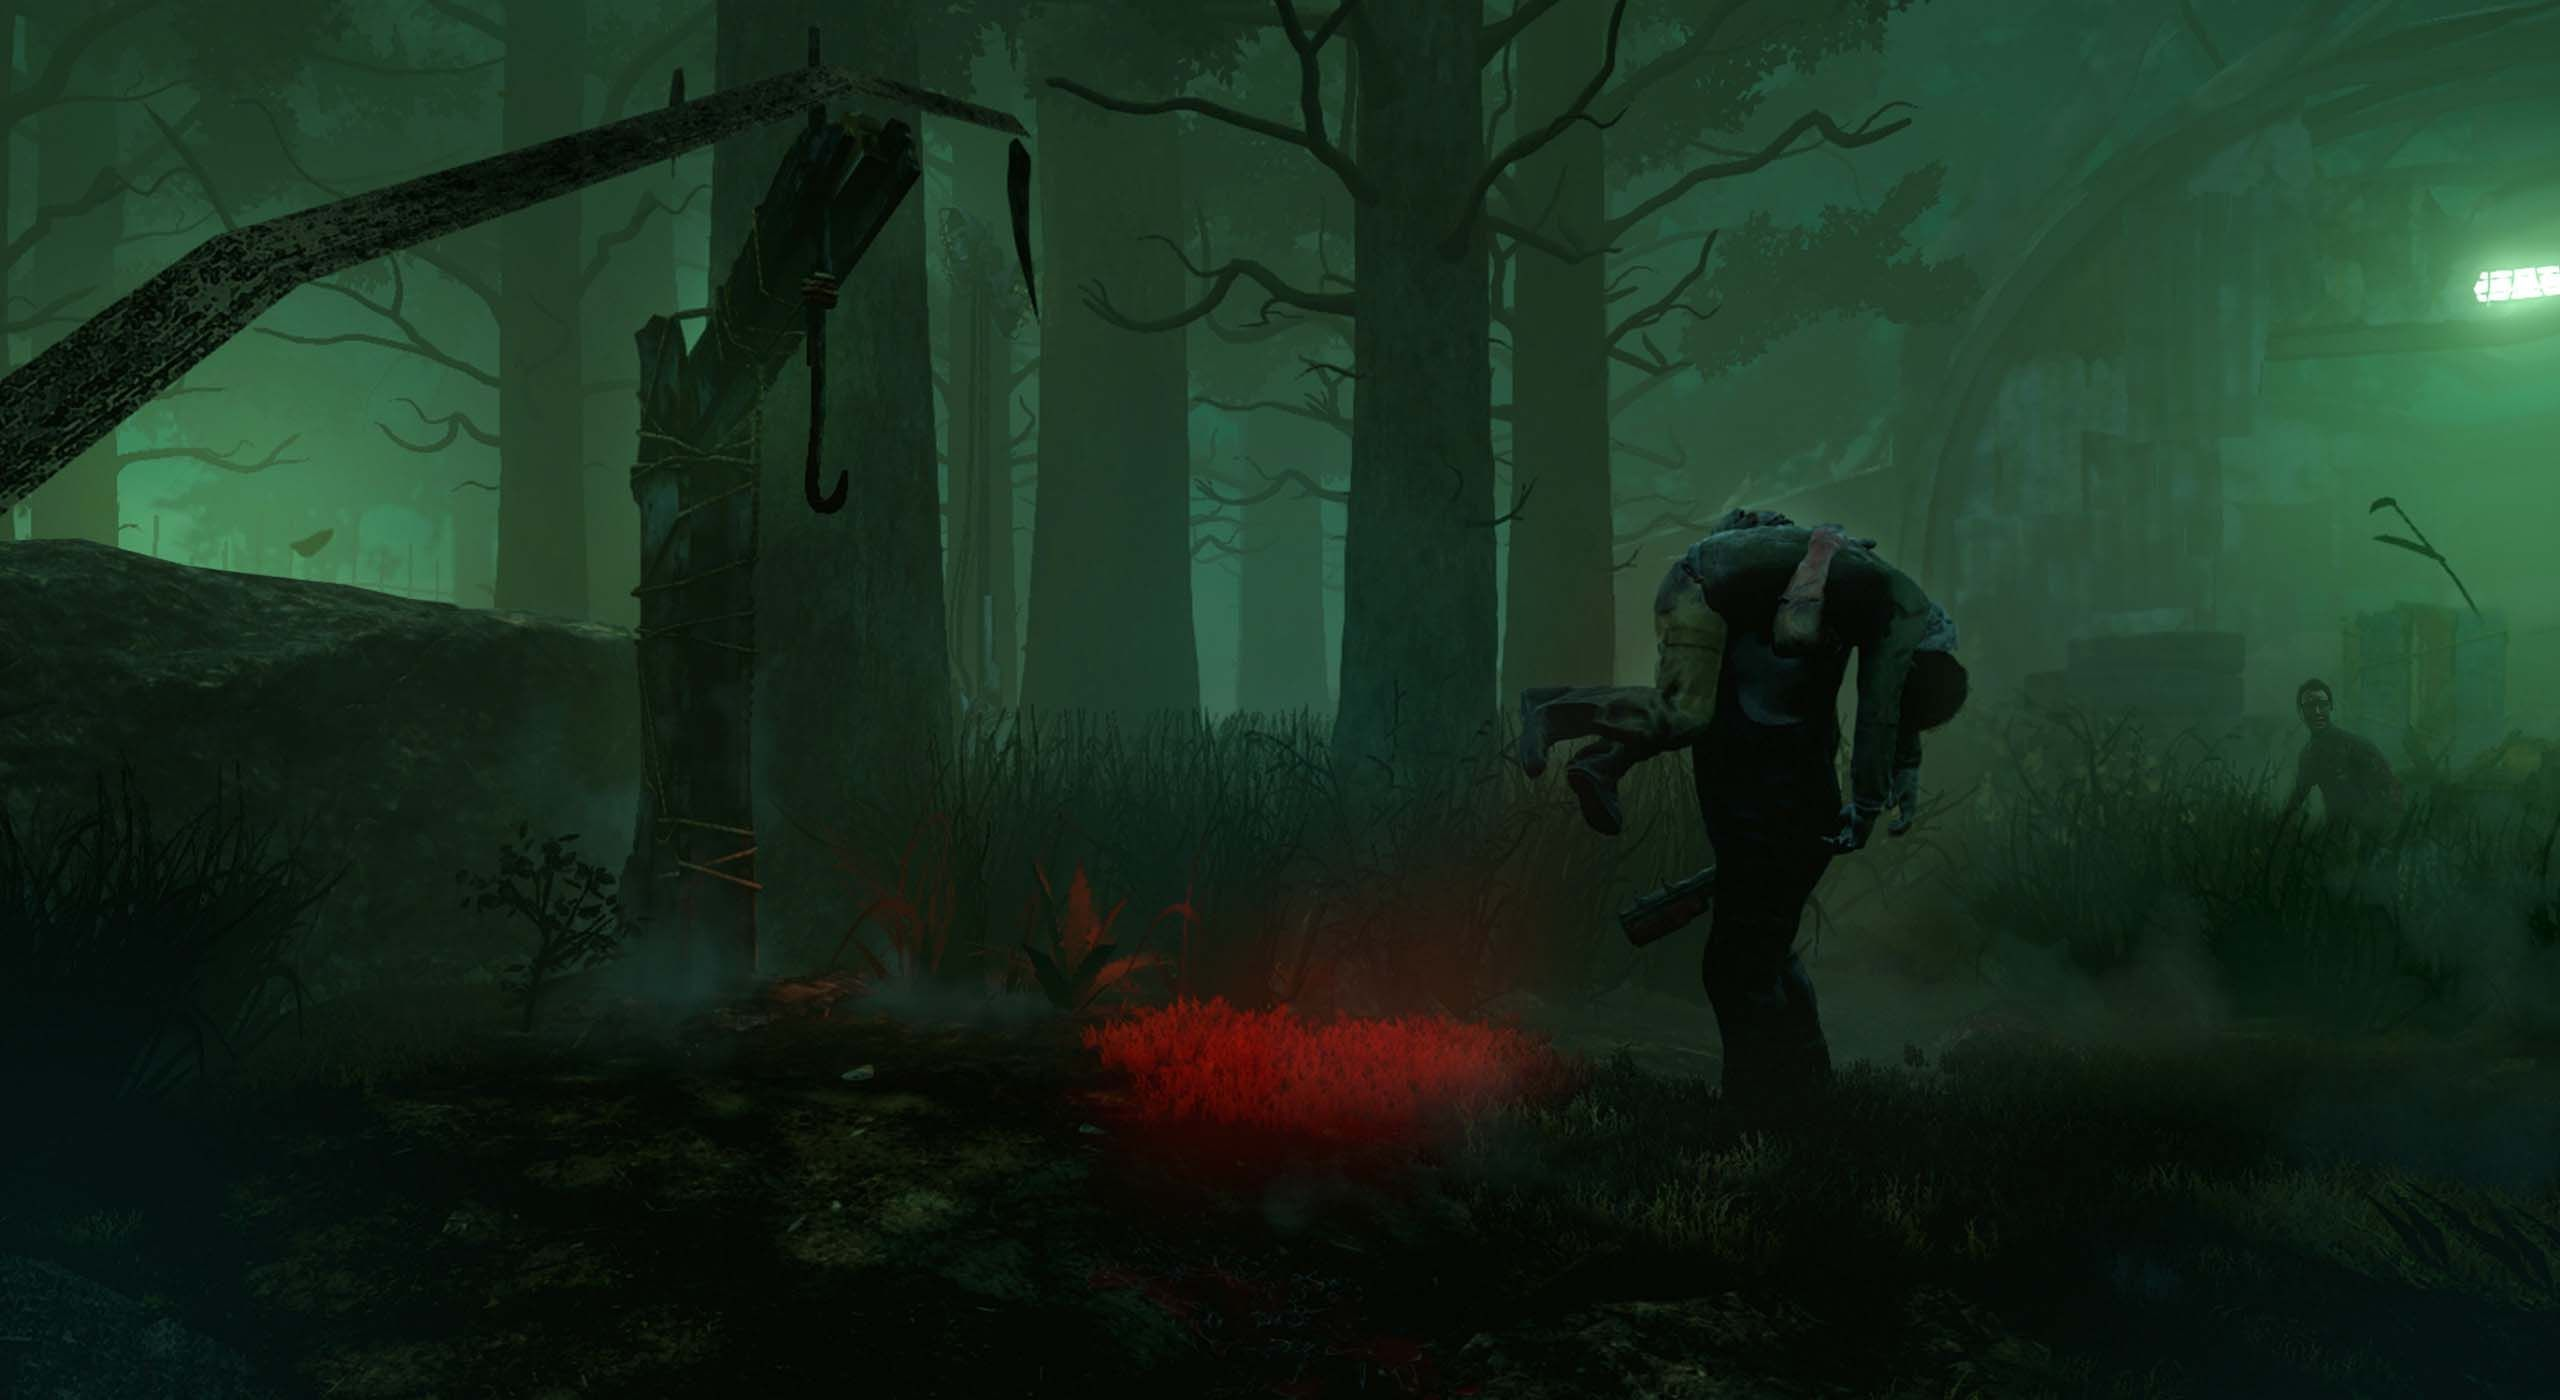 Игра в прятки с маньяком - Dead by Daylight BETA - Изображение 4